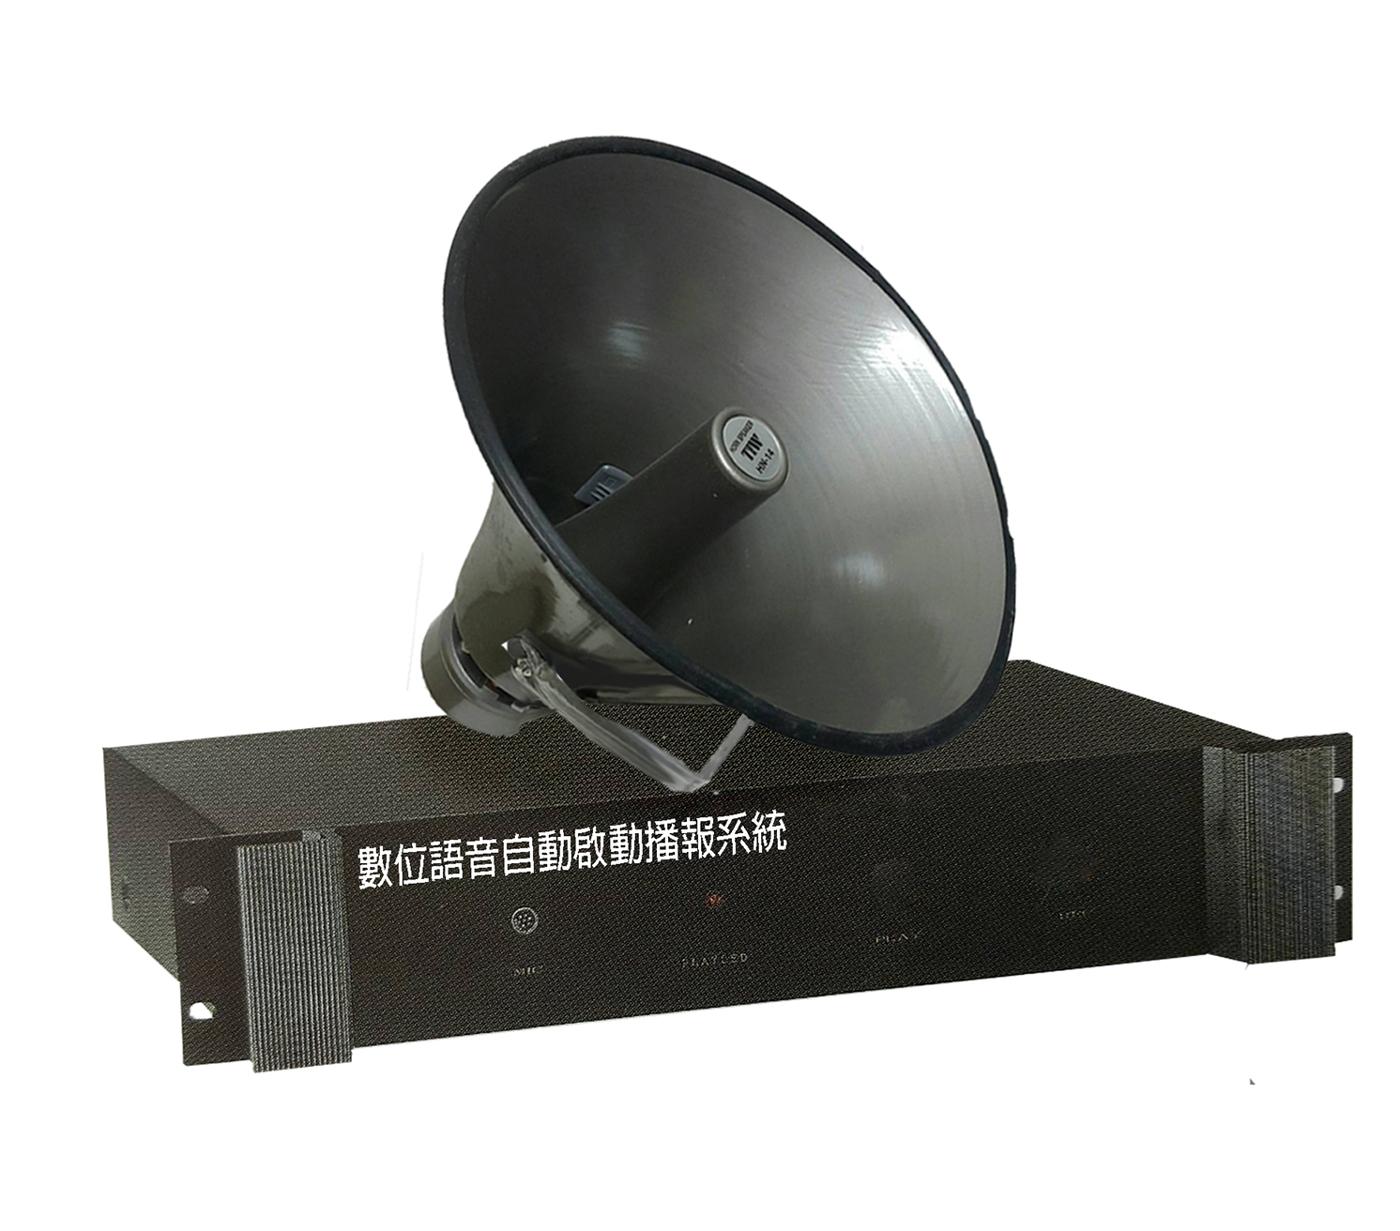 自動語音喇叭.語音喇叭.語音自動廣播喇叭.數位語音播放系統100w.擴音器.聲音可訂製.客製化